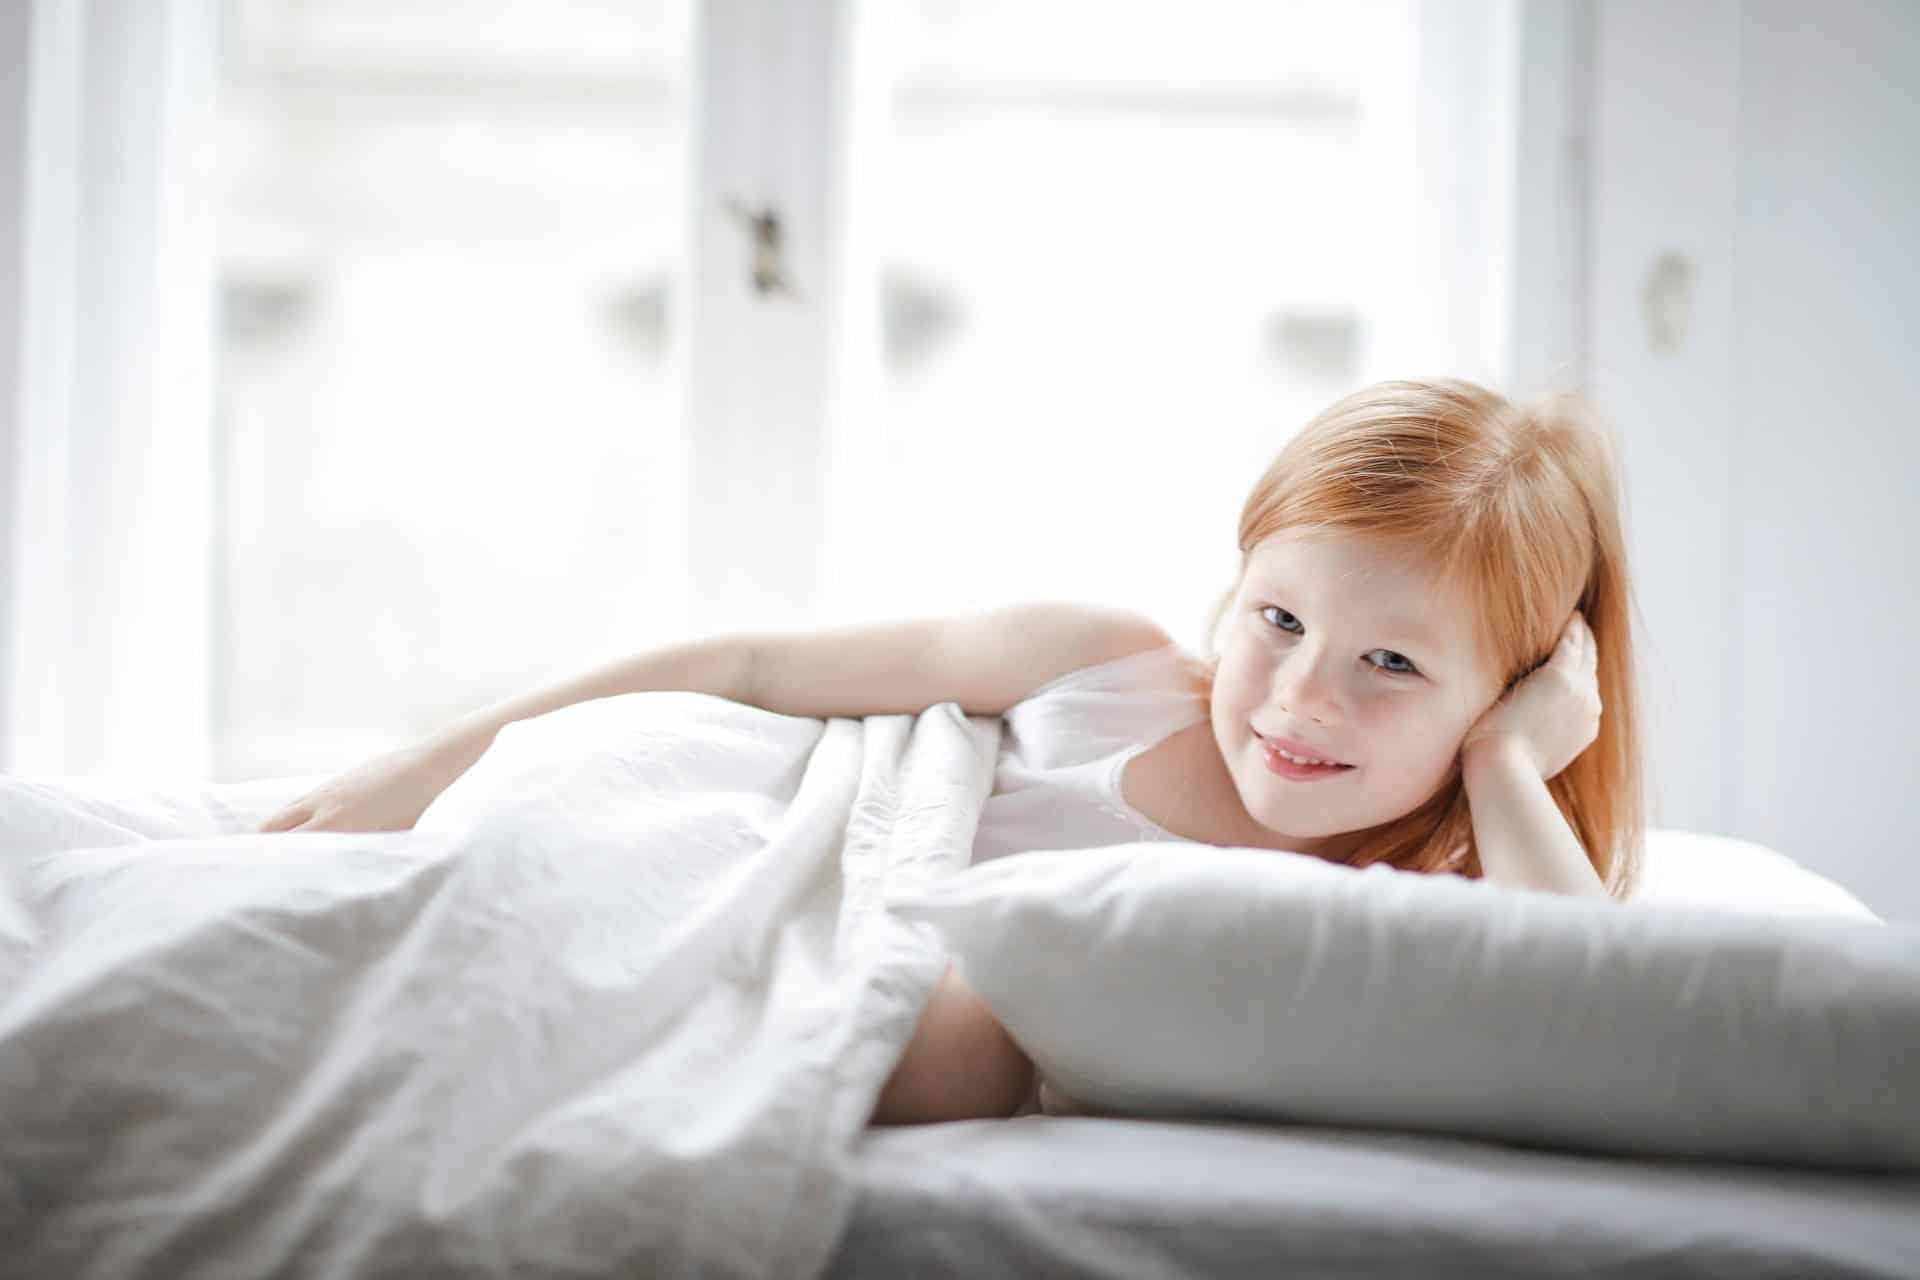 uspješno liječenje noćnog mokrenja